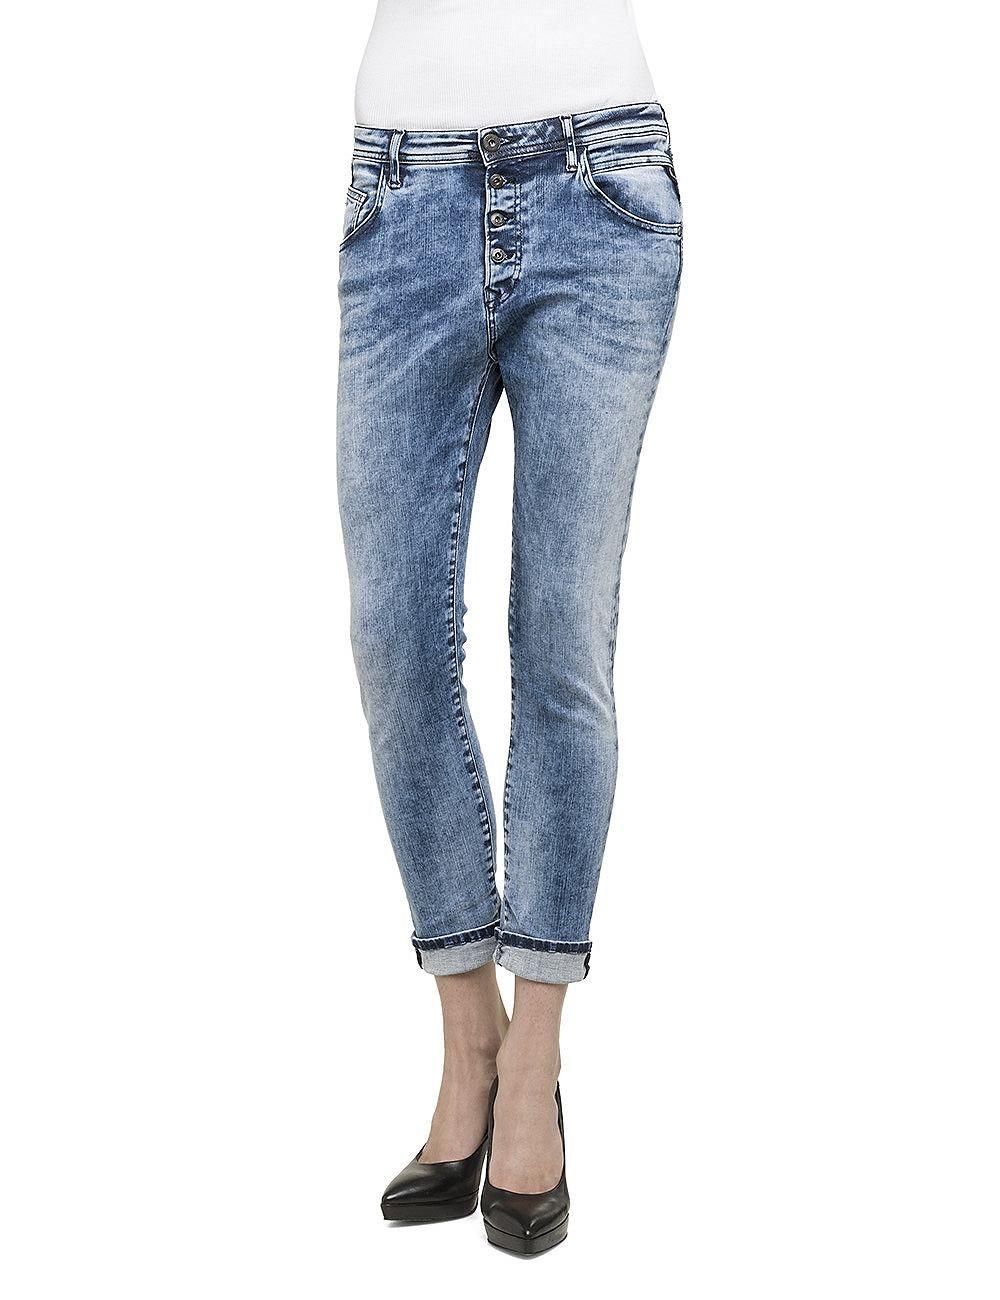 Jeans Pilar    Mit der Pilar präsentiert uns Replay eine lässige Boy Fit-Jeans mit eingearbeiteten Falten, so genannten 'Buffies'! Die Potaschen sind mit hübschen Ziernähten verziert. Der breite Bund macht die Jeans bequem, cool sieht die Jeans zu Sneakern oder High Heels aus. Sie passt genauso gut zu einem einfachen T-Shirt, wie zu einer edlen Seidenbluse. Im Alltag und im Nachtleben ein Hingu...